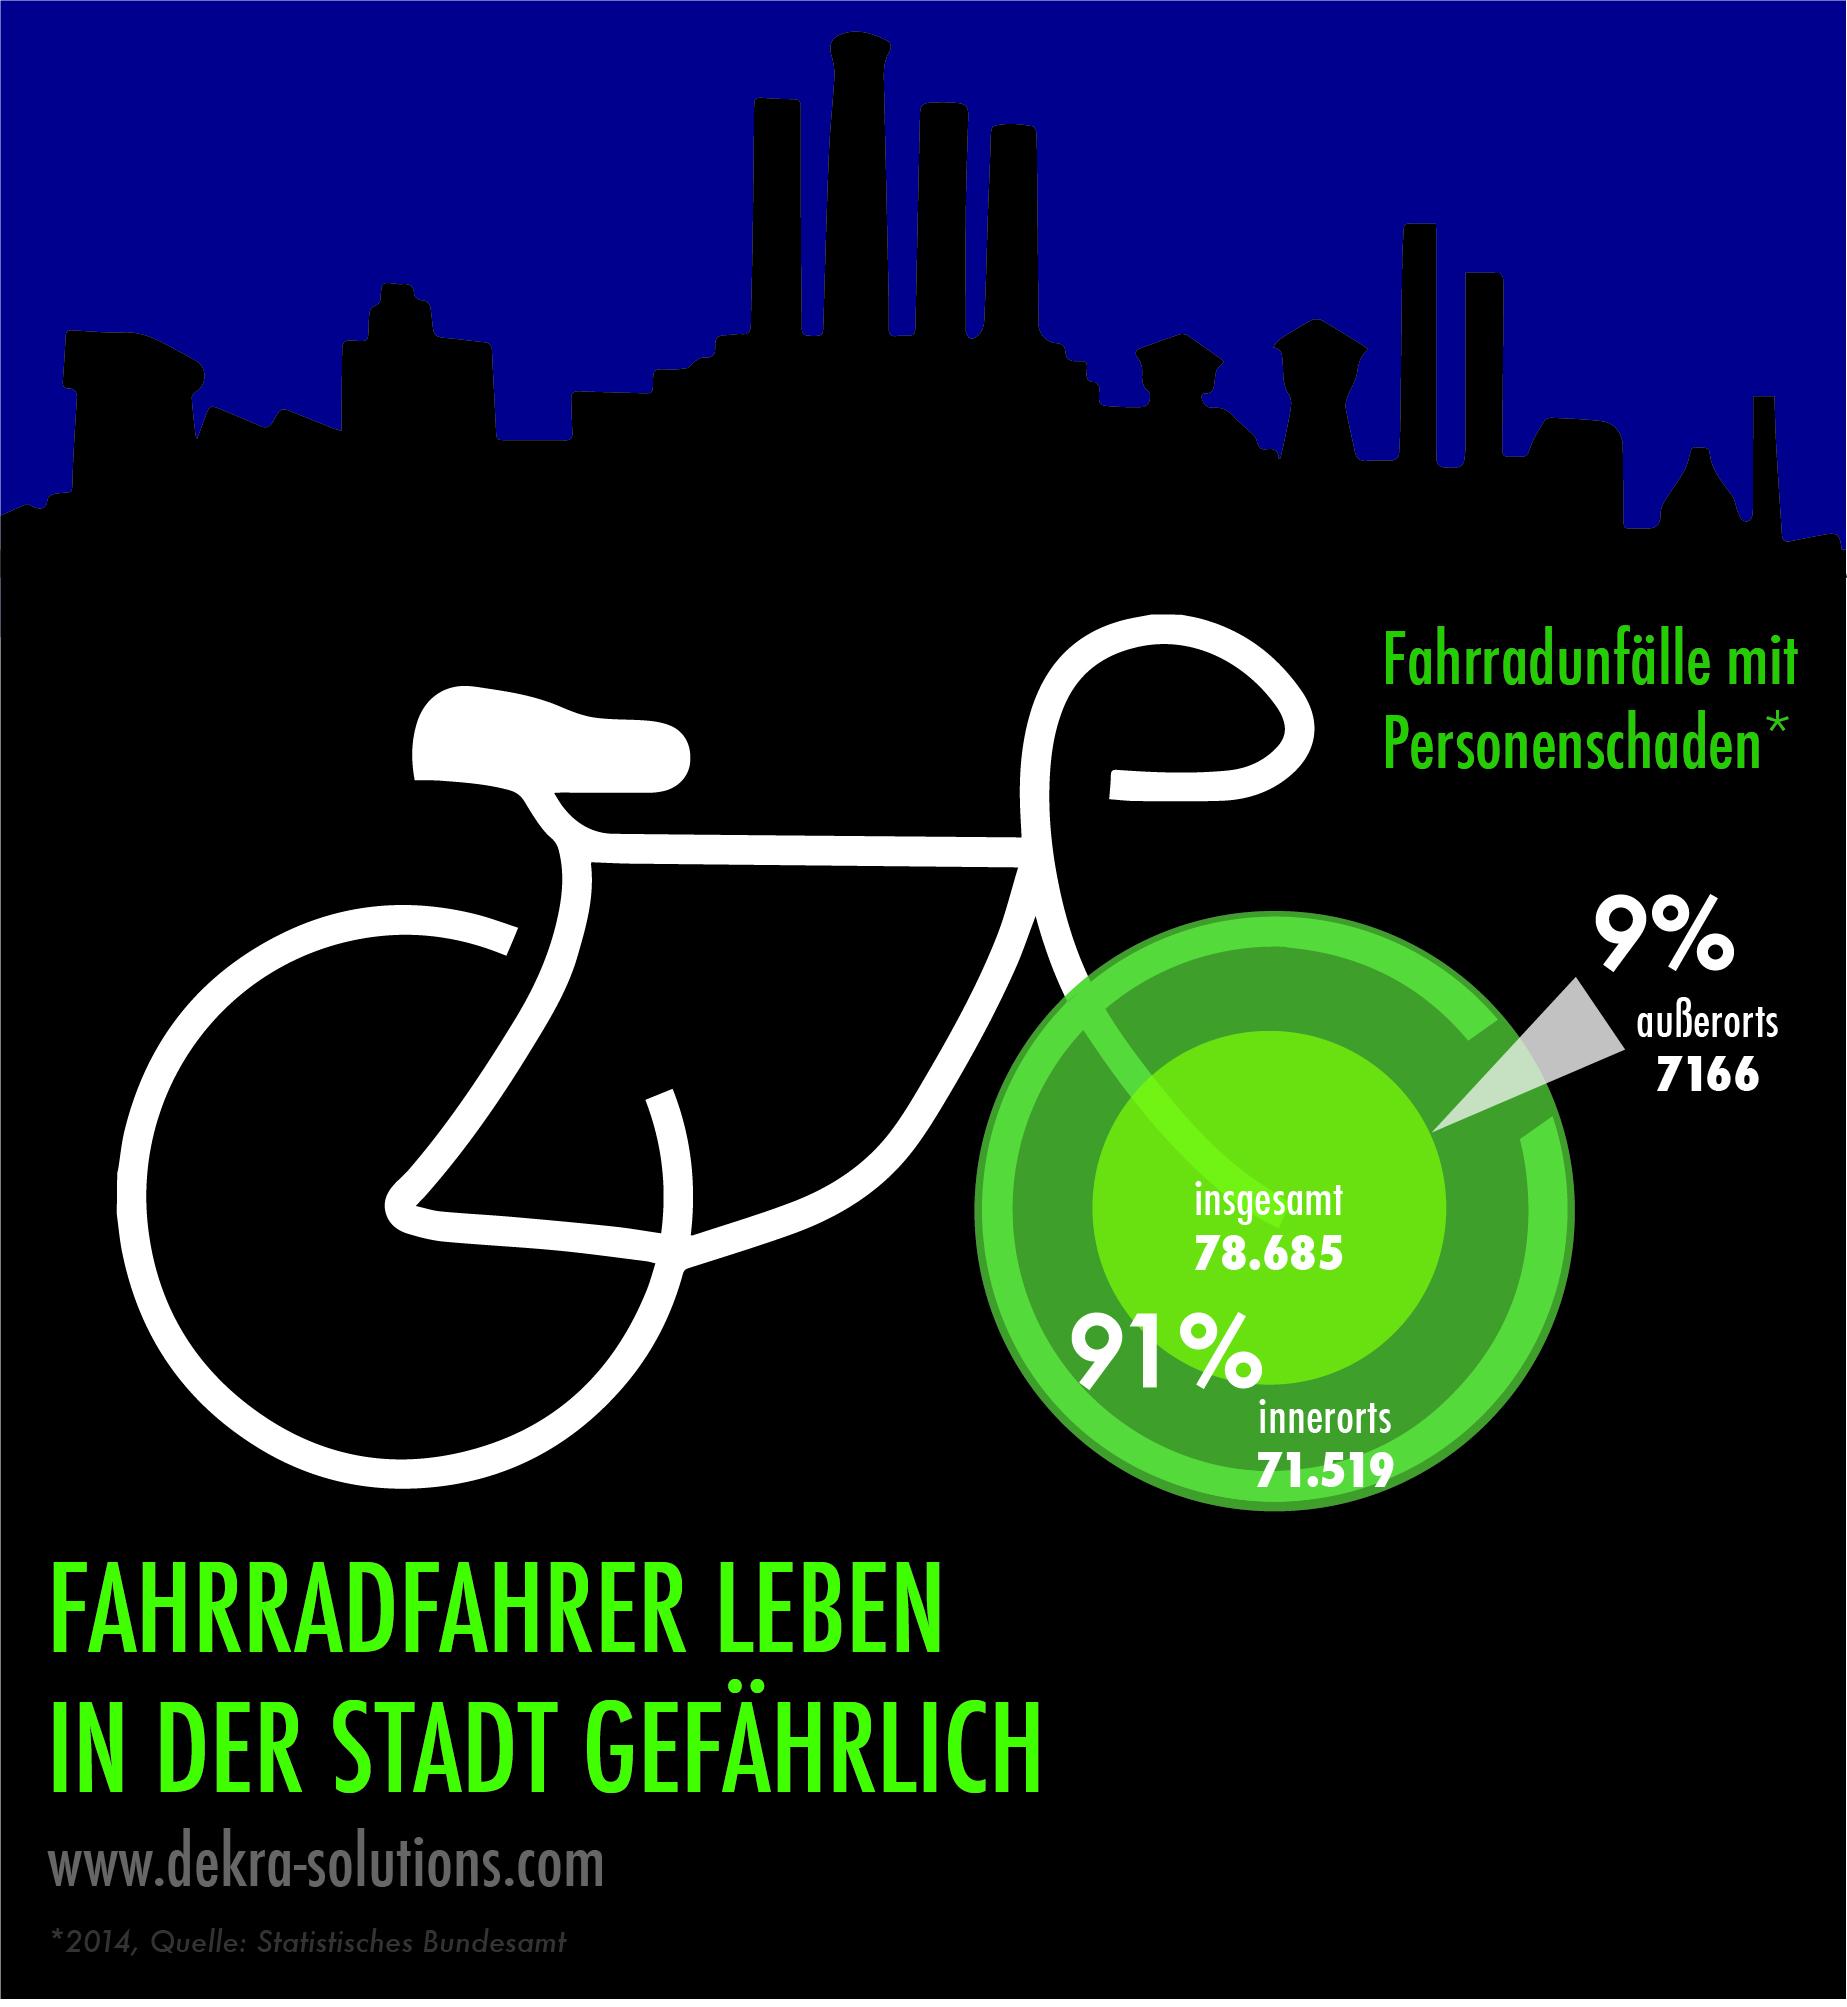 Die meisten Fahrradunfälle mit Personenschaden passieren in der Stadt